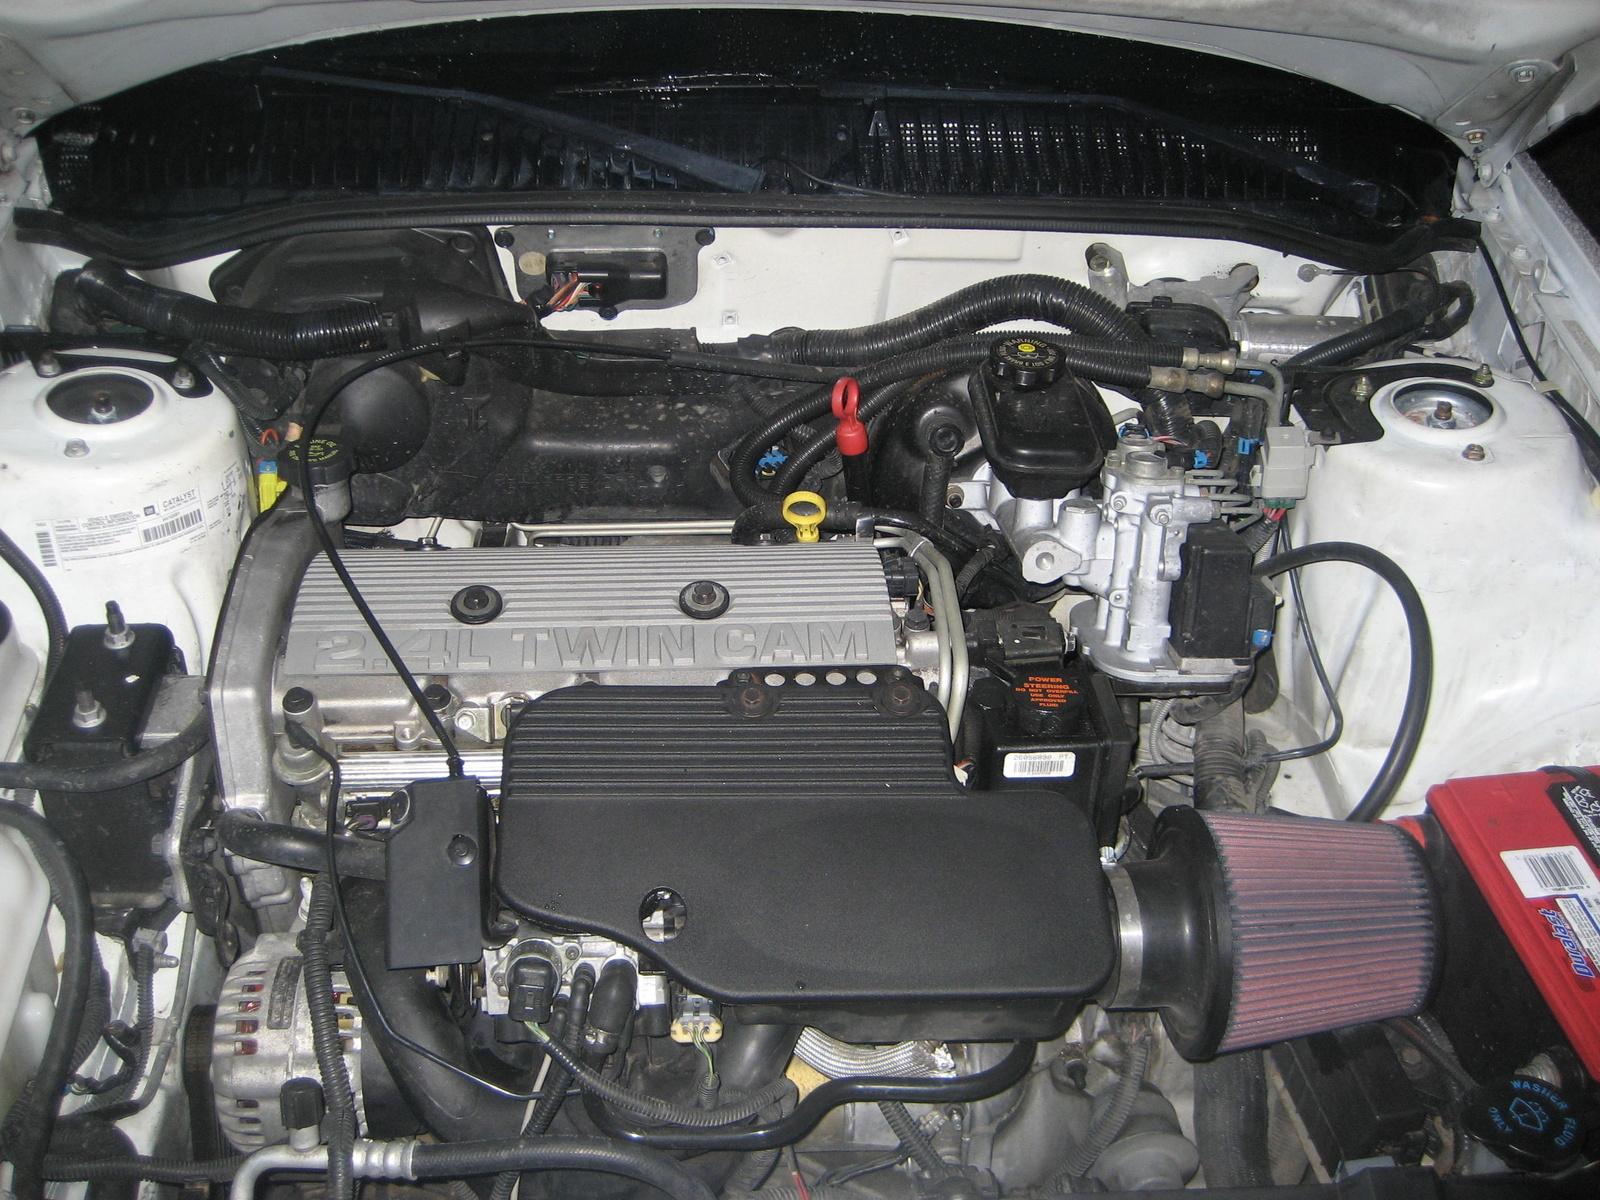 1998 Pontiac Grand Am - Pictures - CarGurus